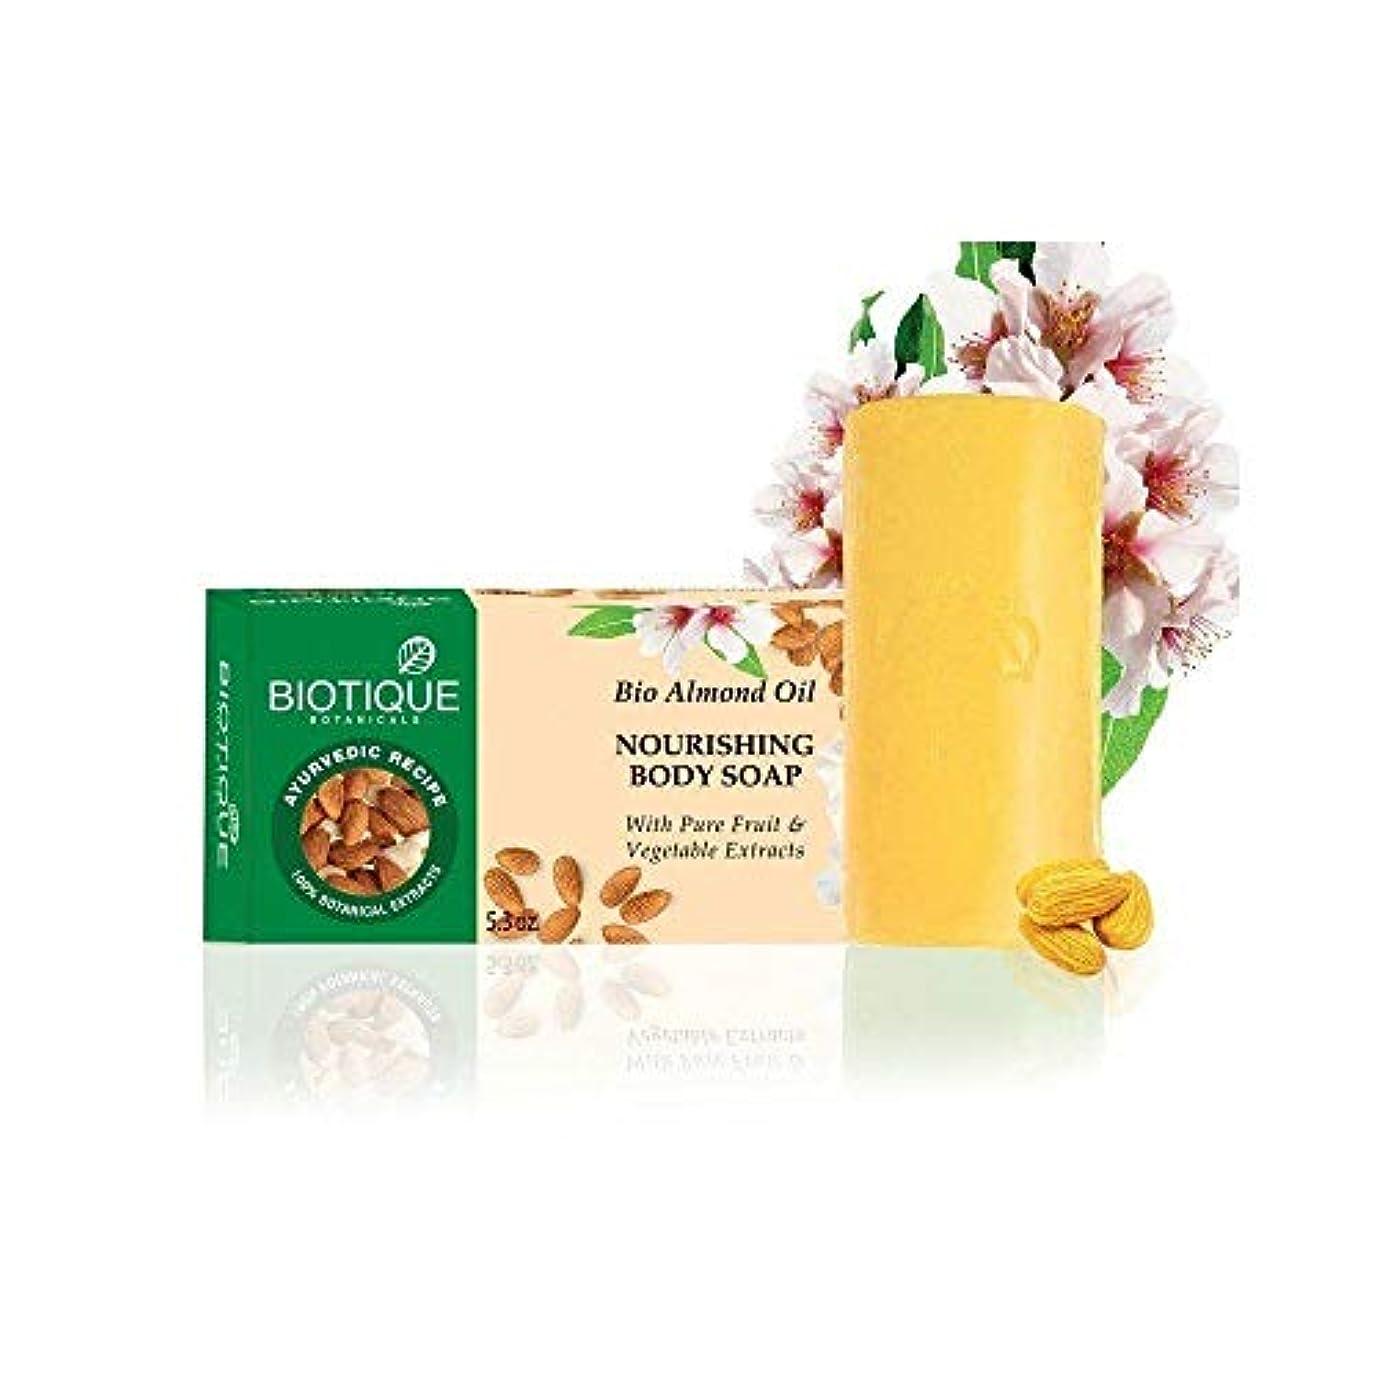 密輸骨折一般的なBiotique Bio Almond Oil Nourishing Body Soap - 150g (Pack of 2) wash Impurities Biotique Bio Almond Oilナリッシングボディソープ...